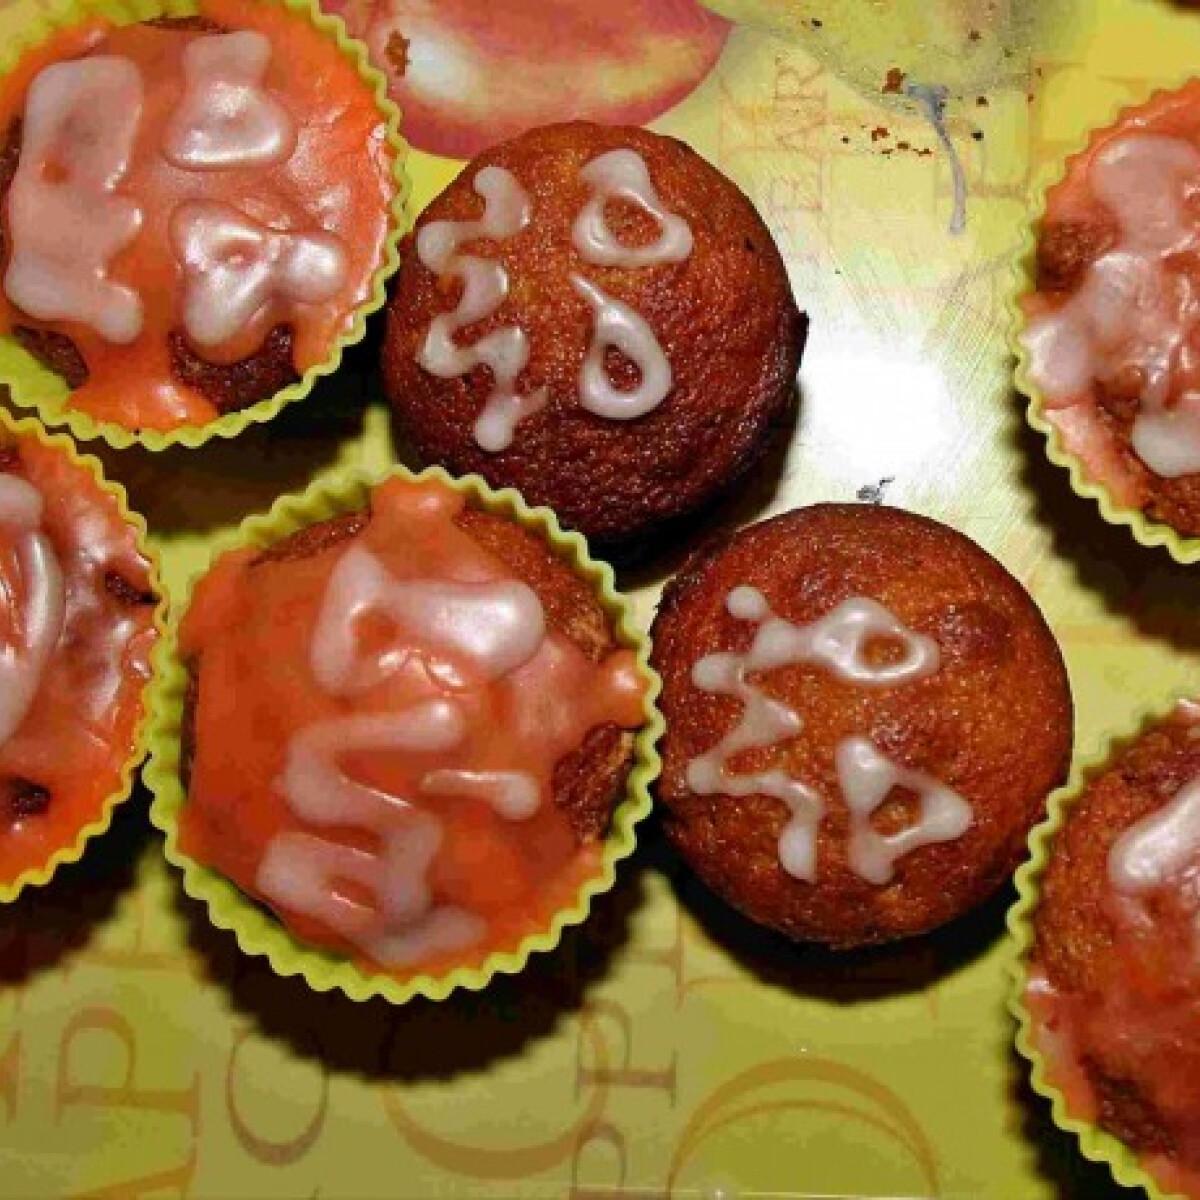 Puha sütőtökös muffin